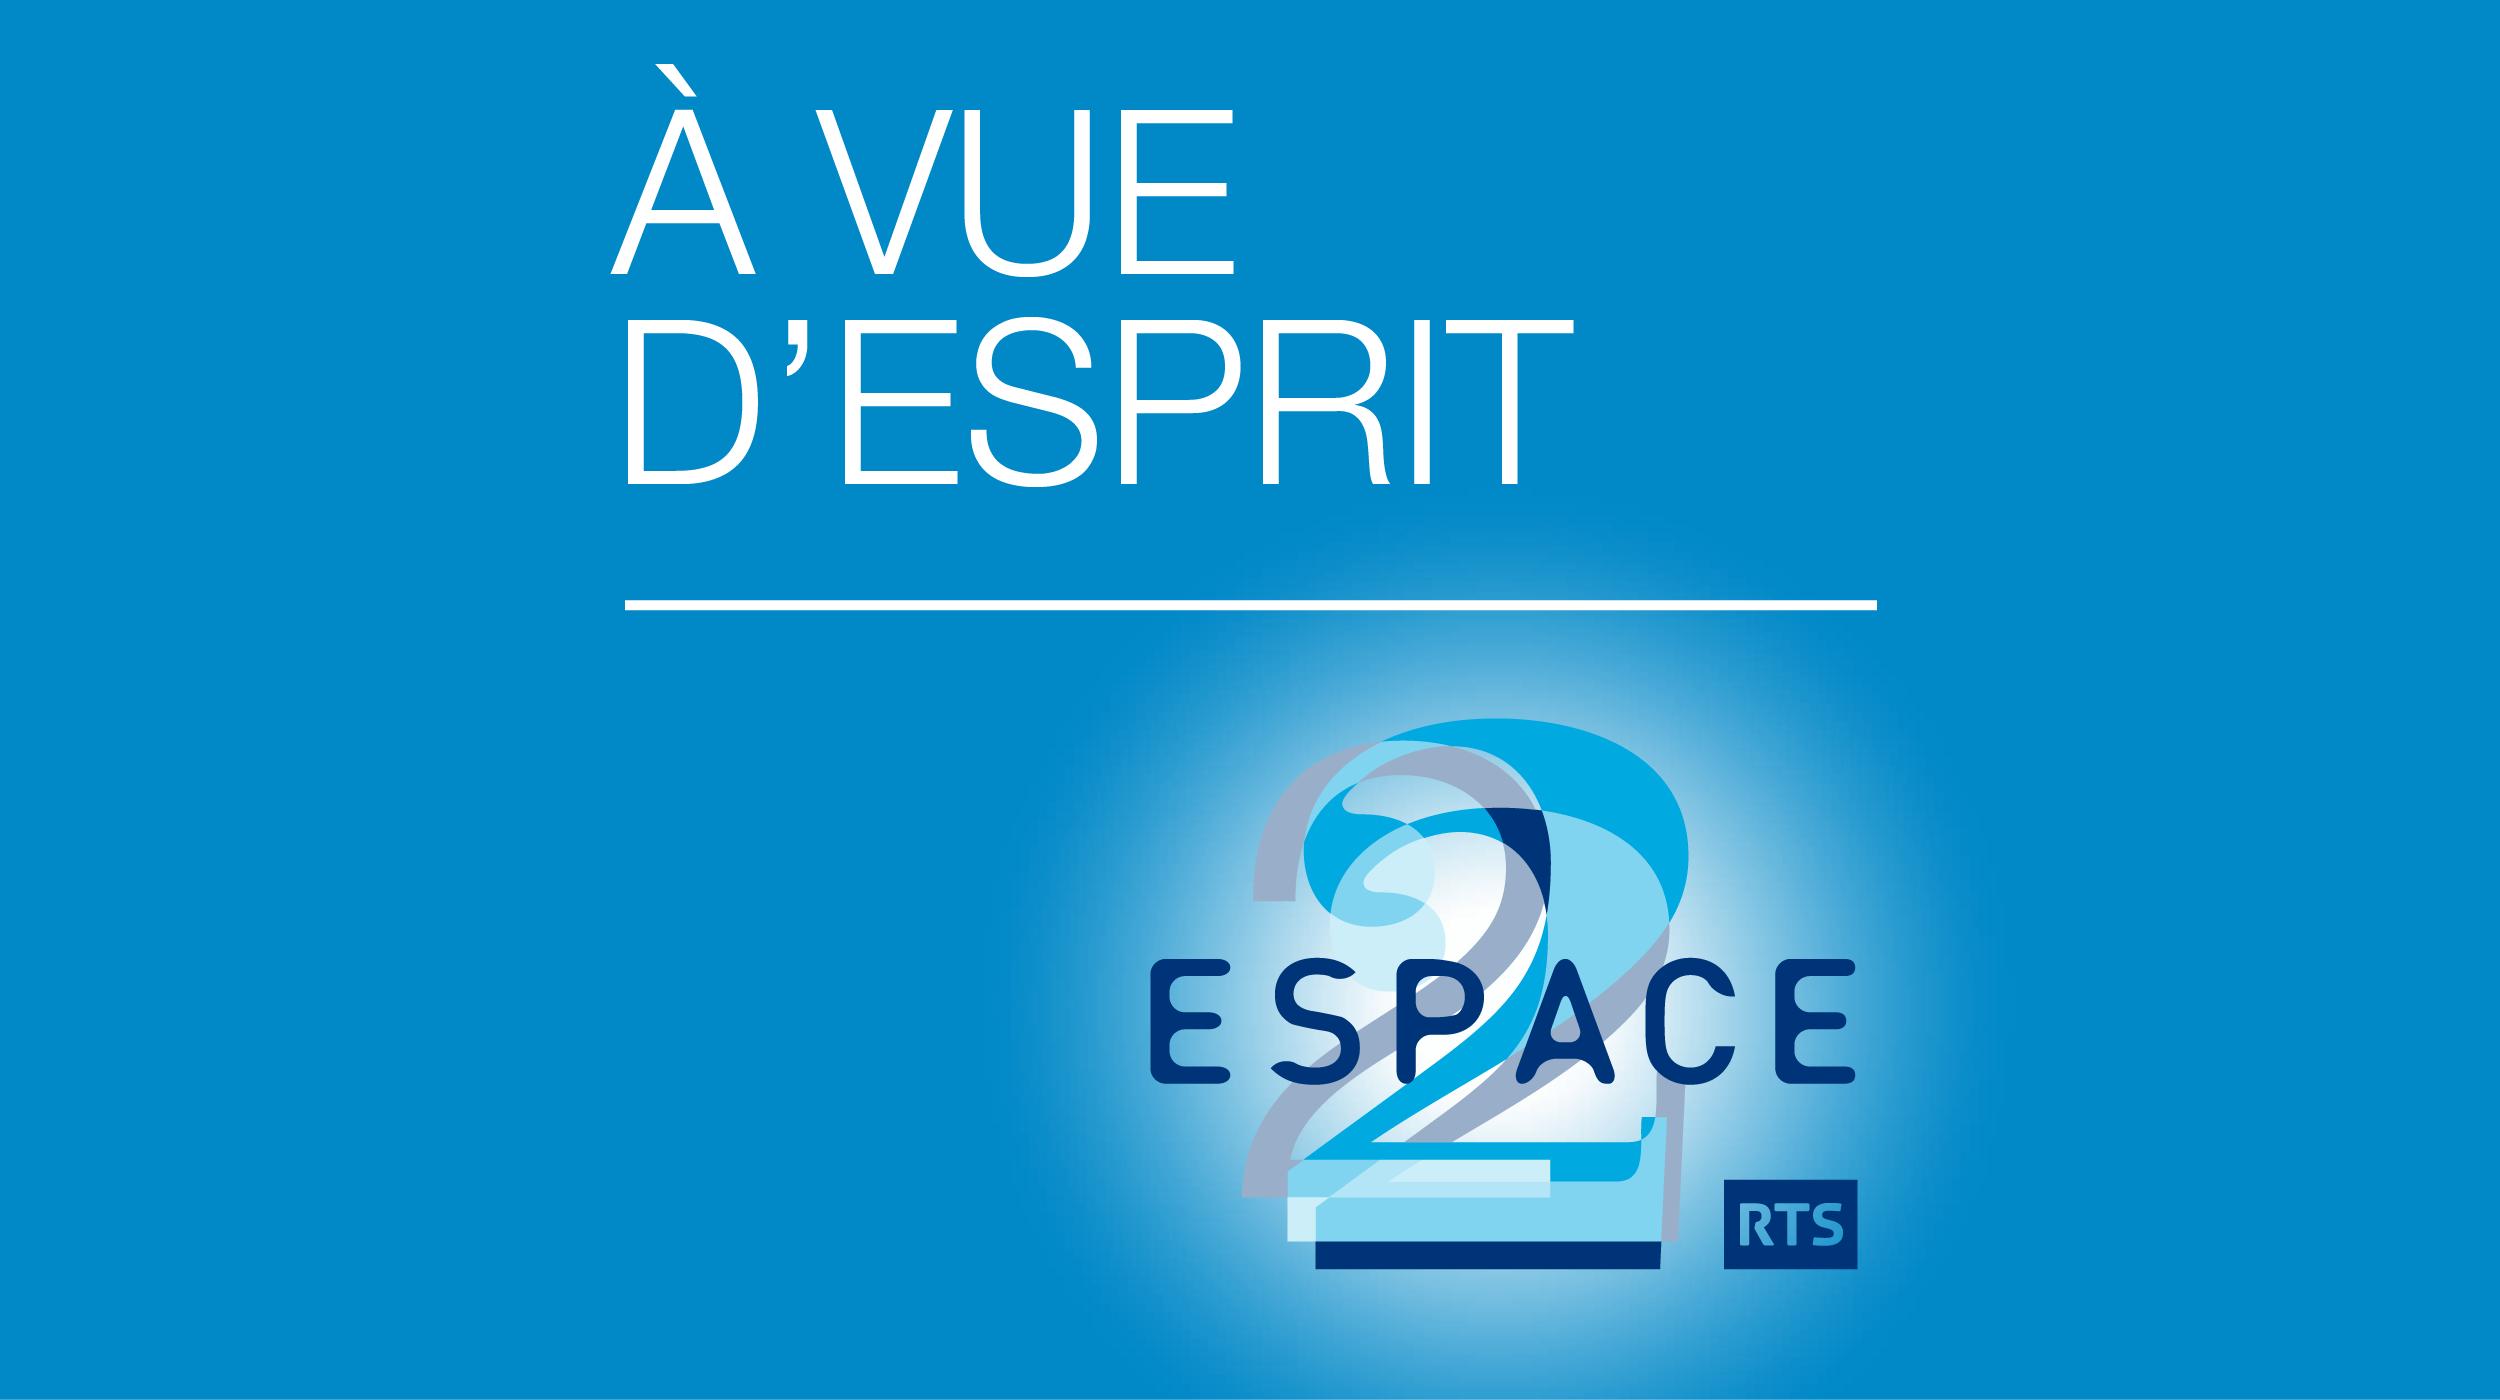 Logo A vue d'esprit [RTS]